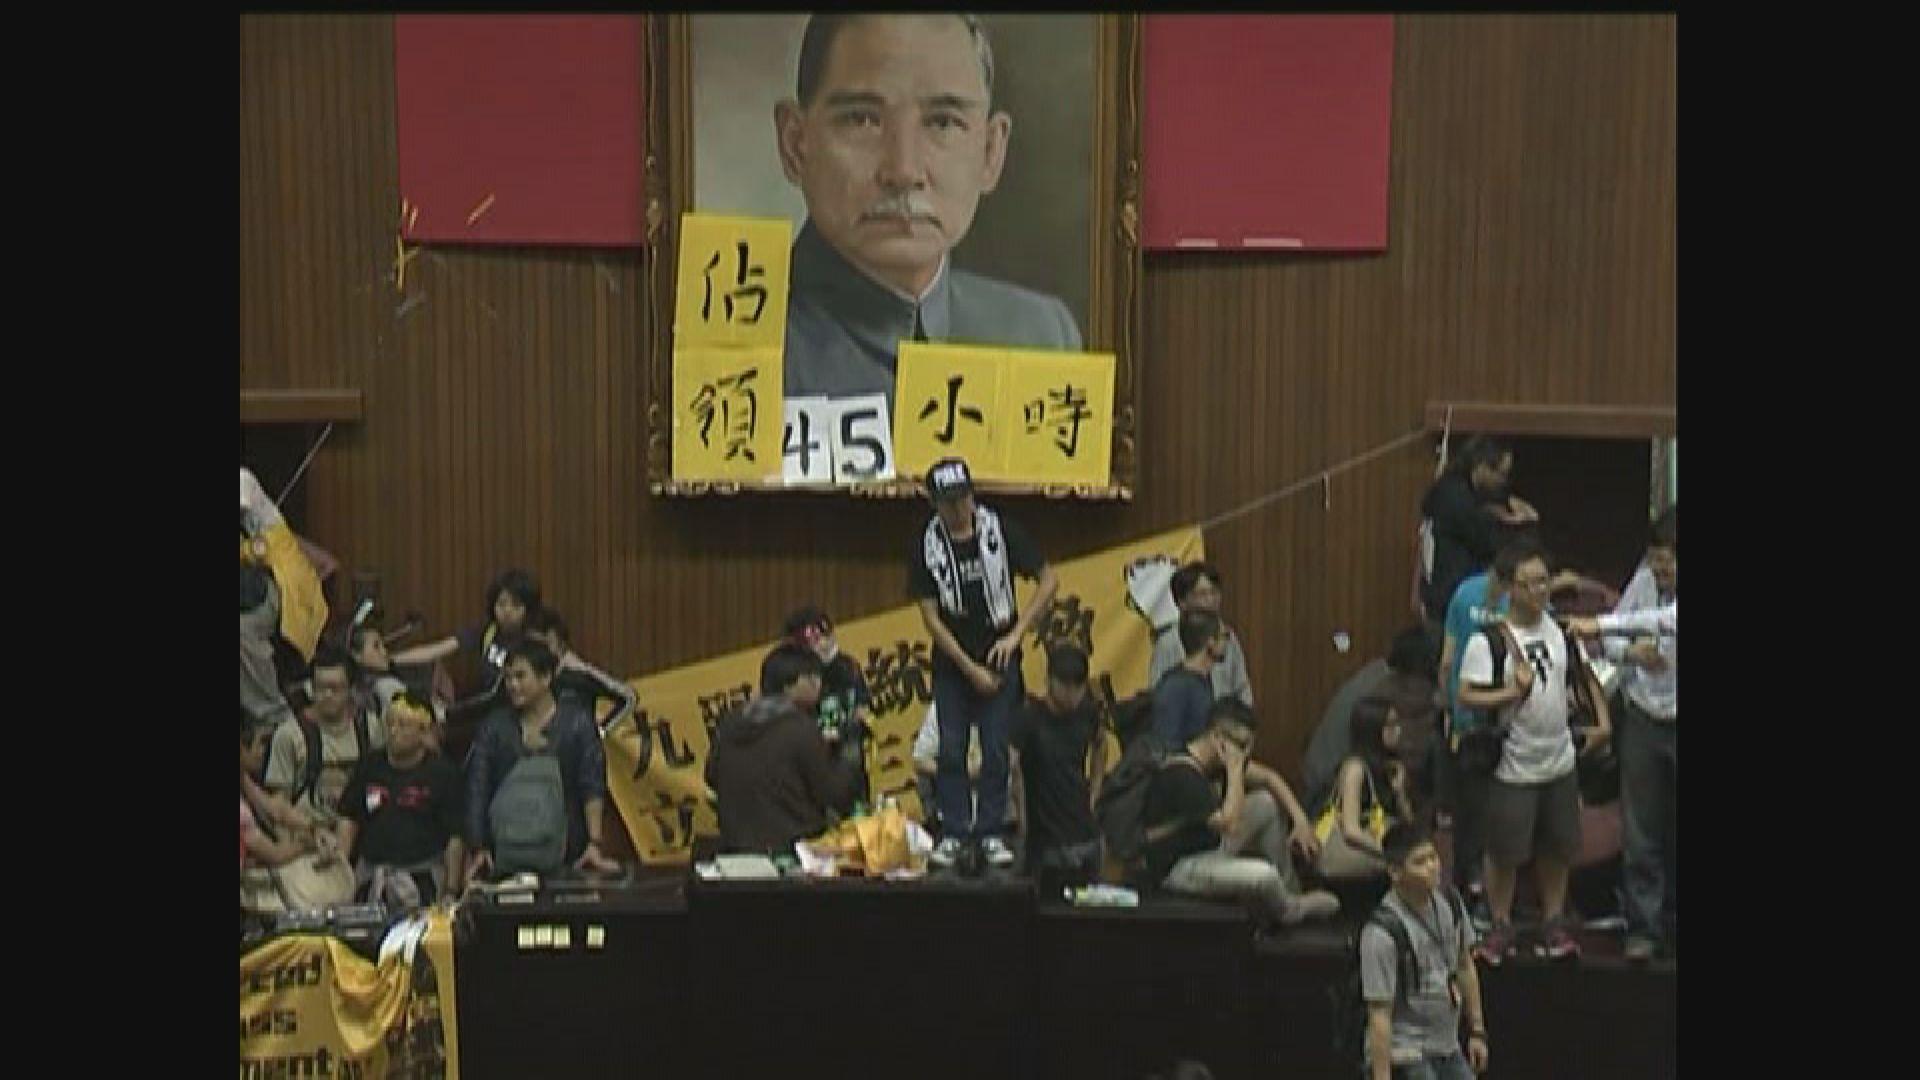 台灣佔領行政院案 法官承認抵抗權發還重審